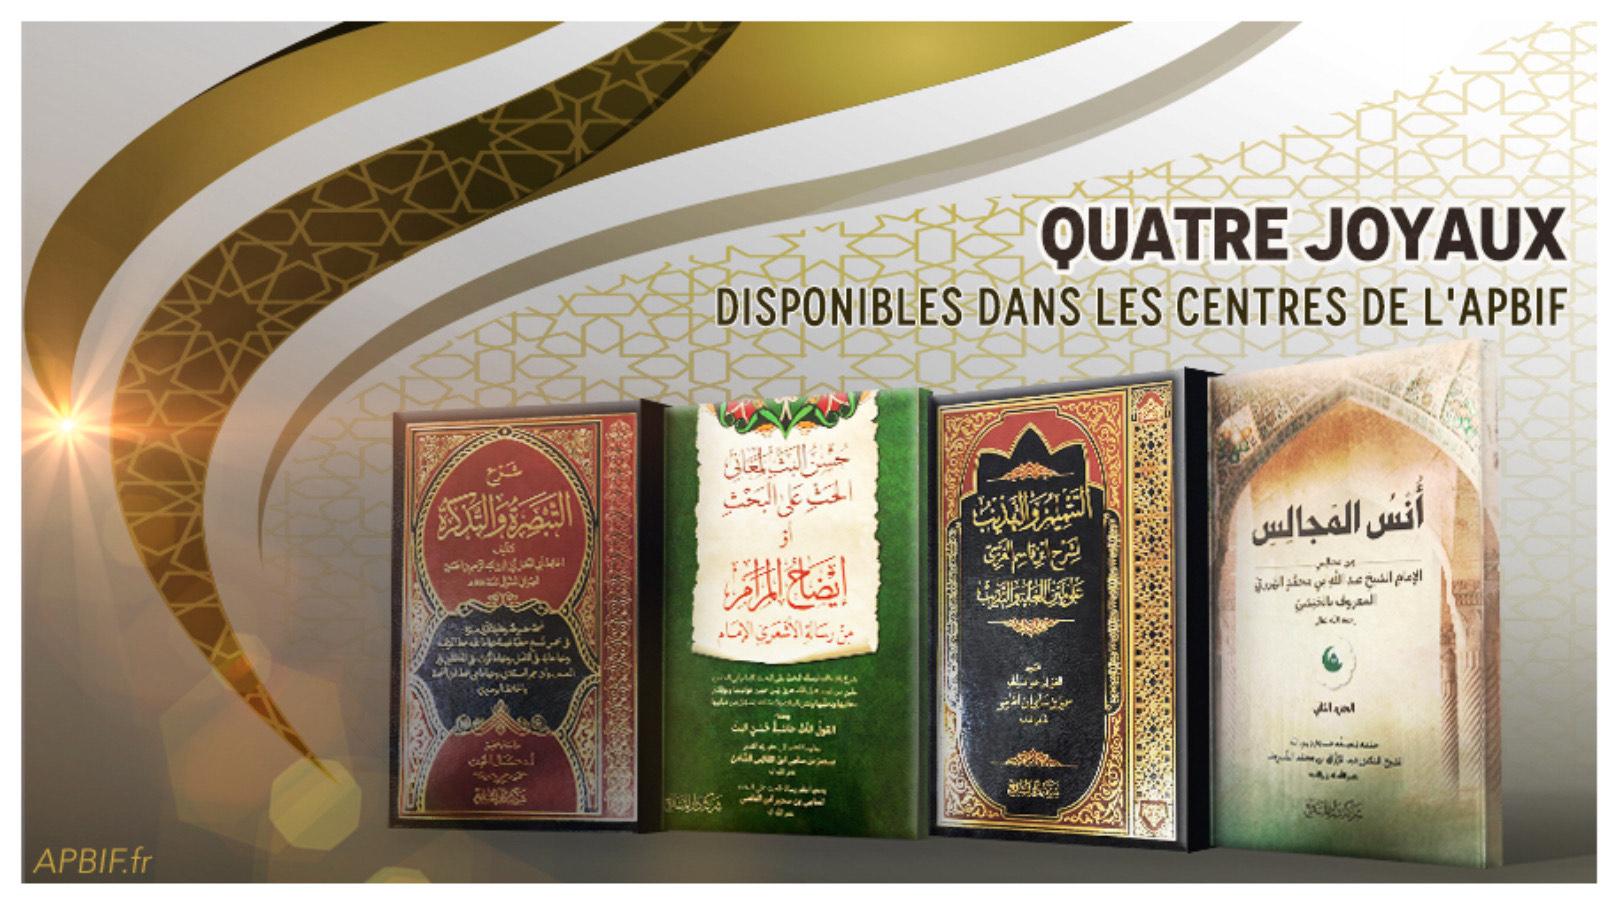 Nouveaux livres disponibles dans les centres de l'APBIF